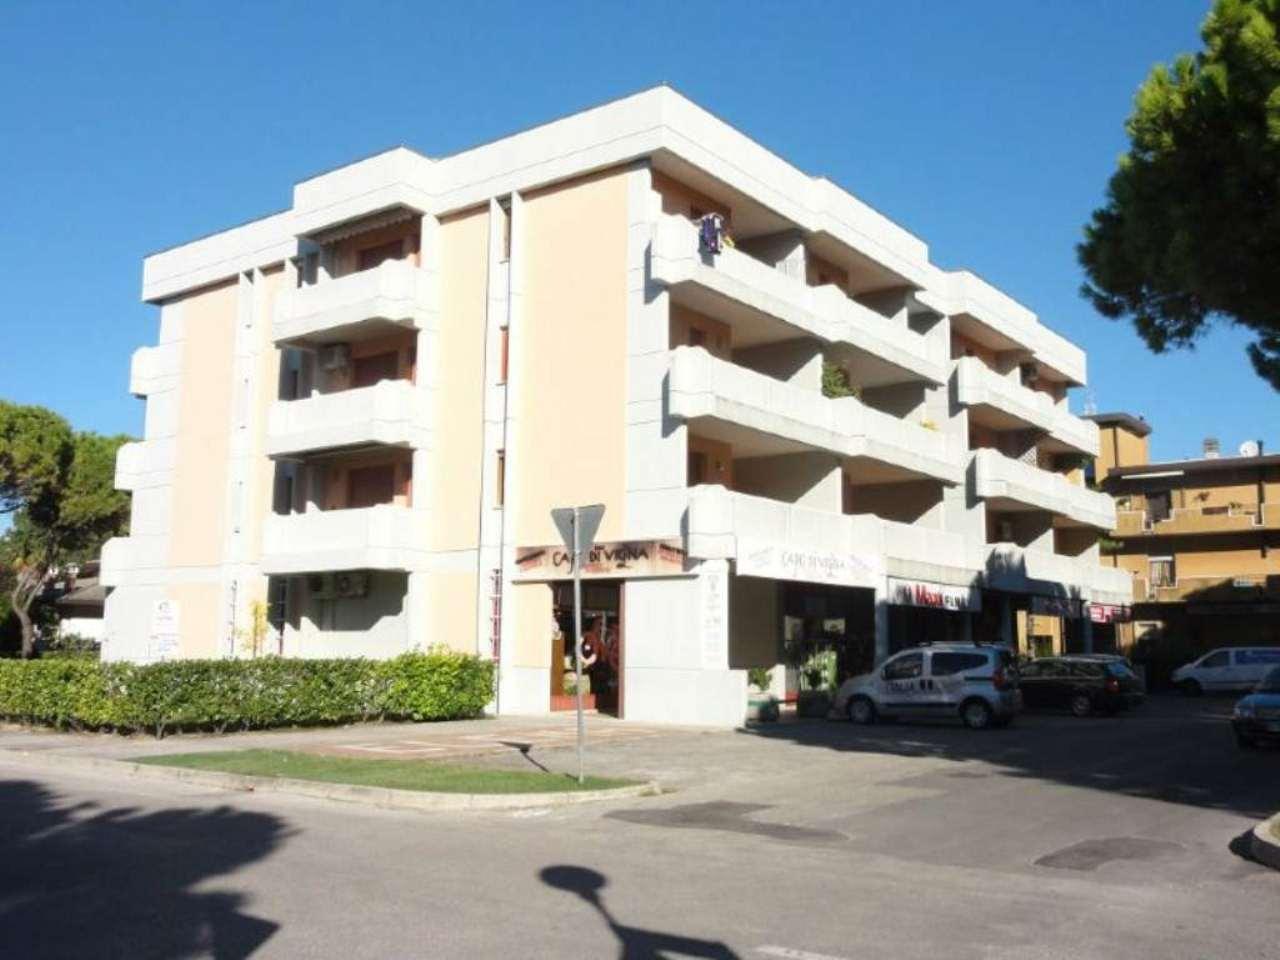 Appartamento in vendita a San Michele al Tagliamento, 2 locali, prezzo € 100.000 | Cambio Casa.it